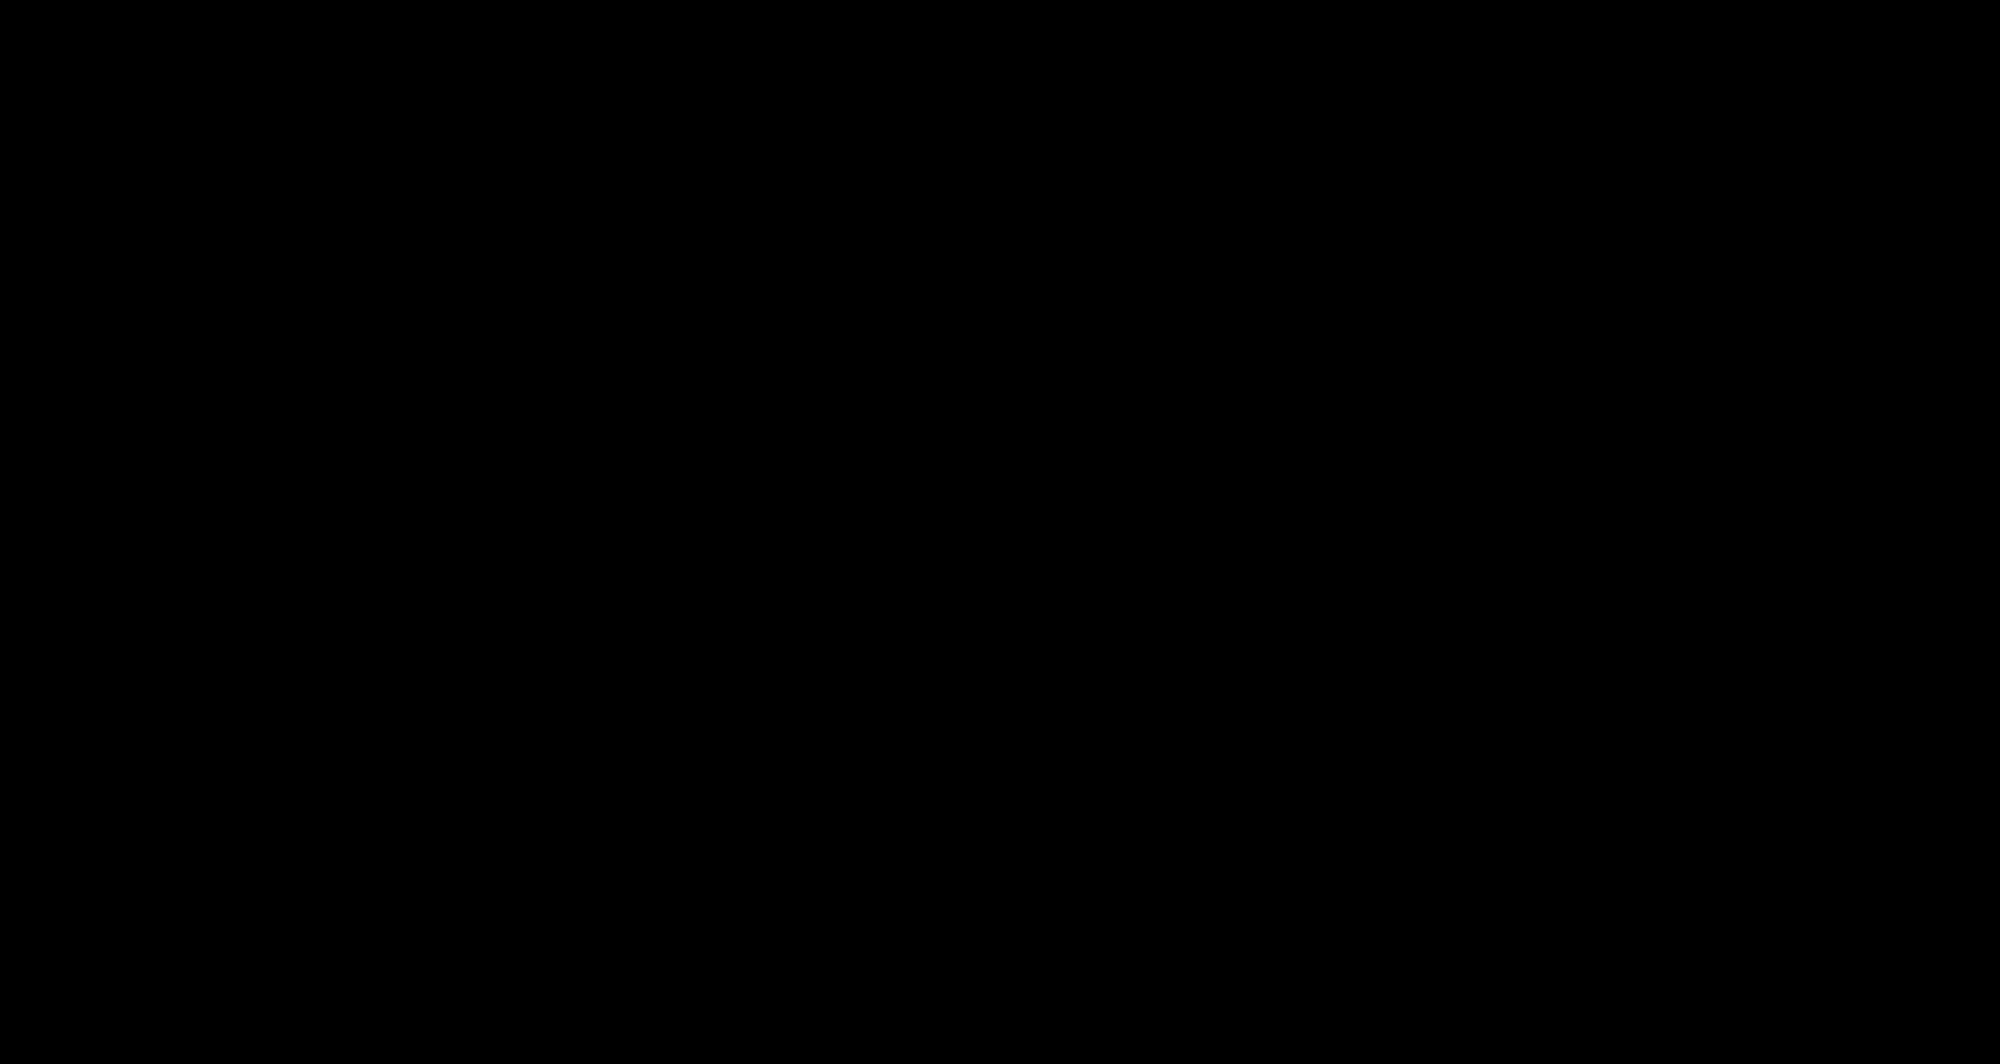 podstories-logo-black.png